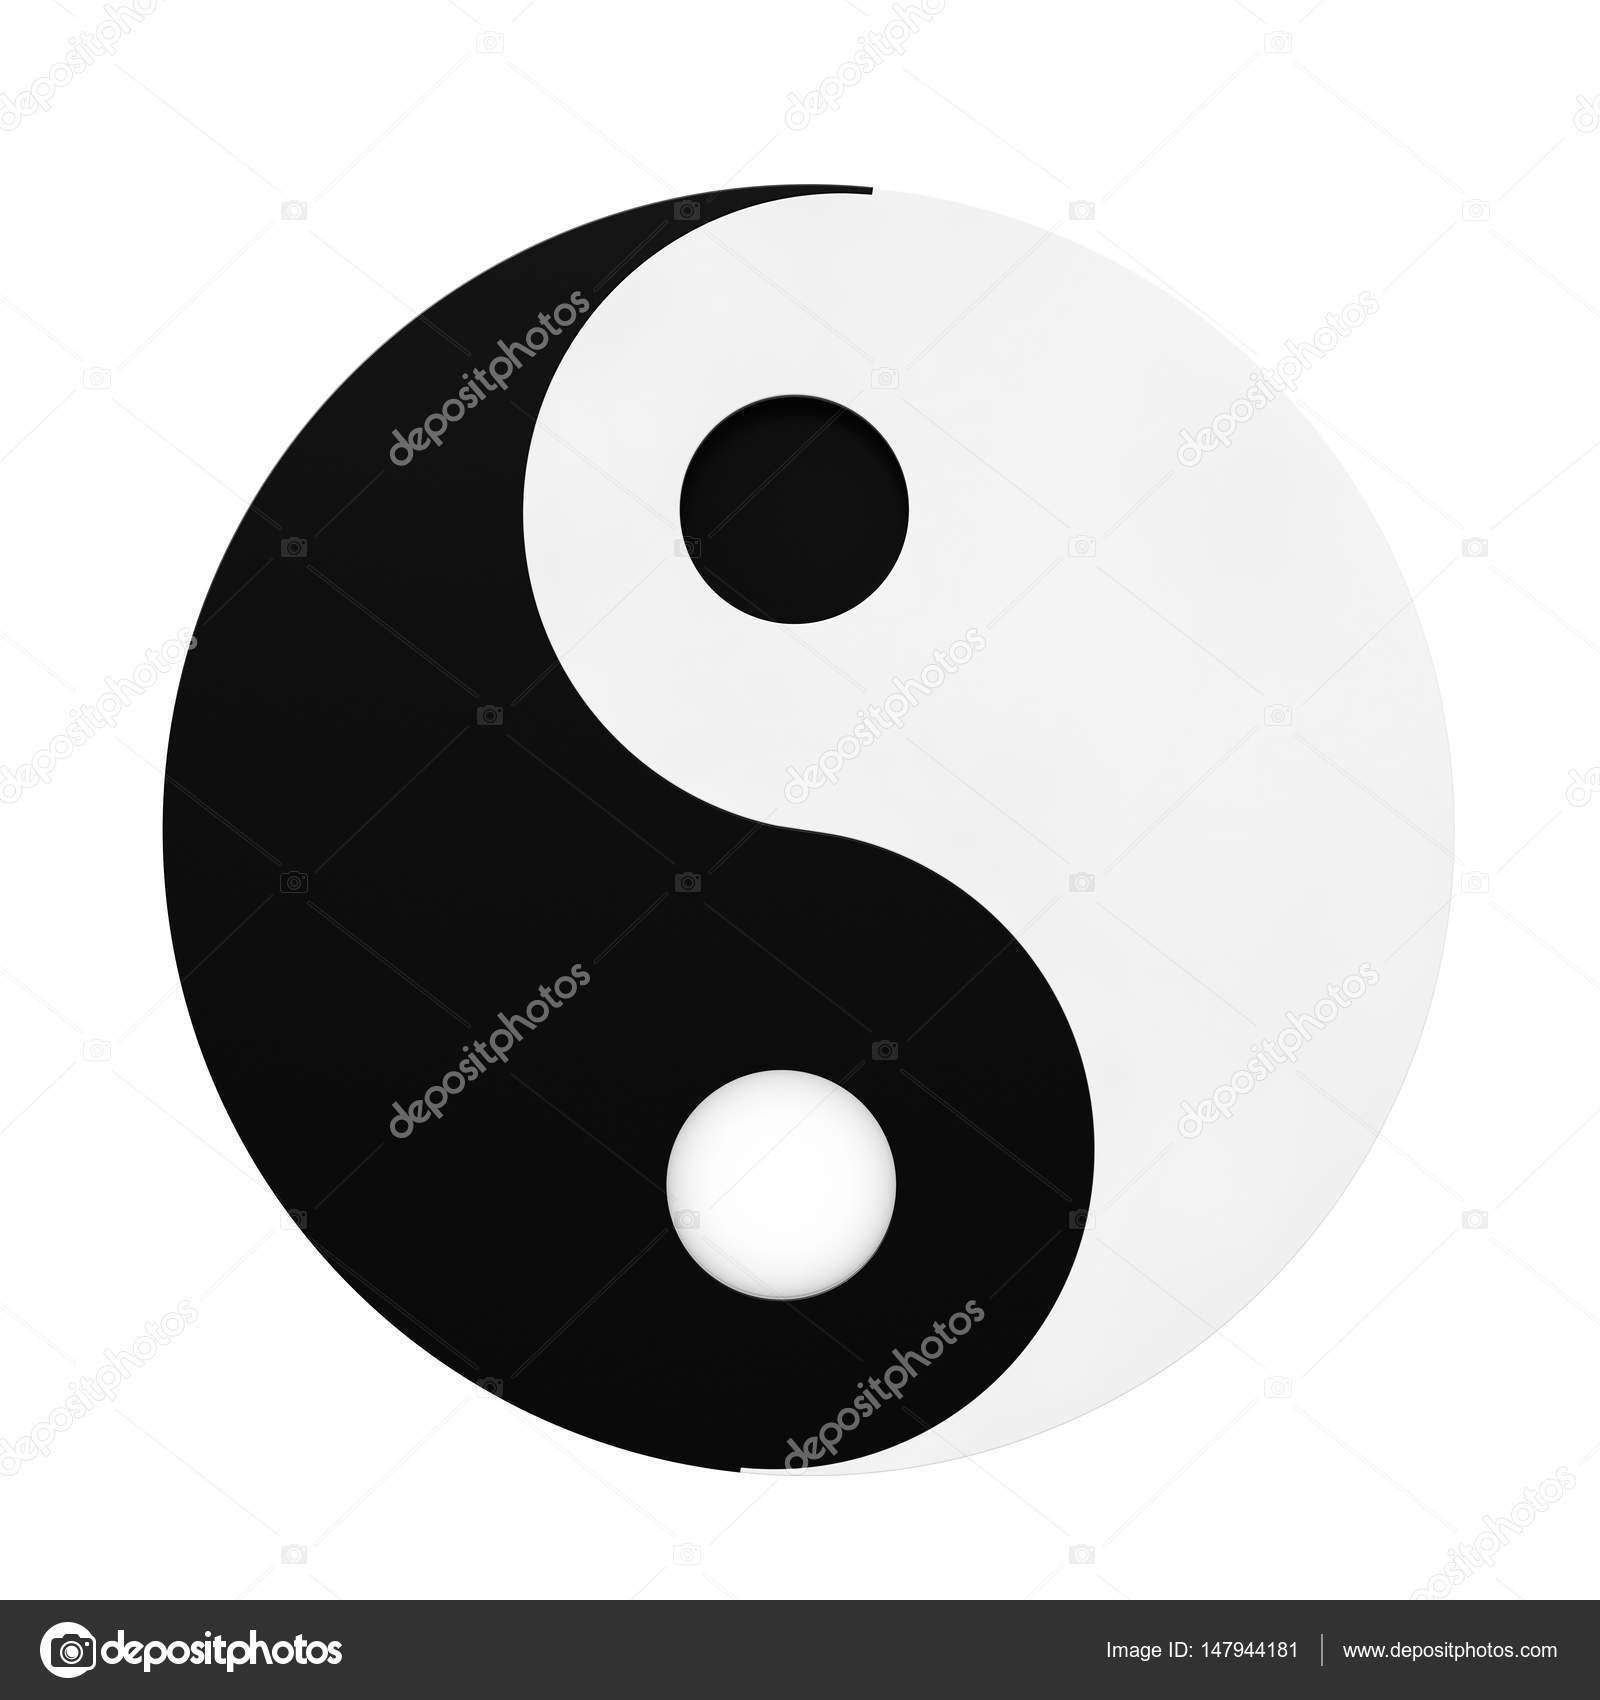 Yin yang symbol of harmony and balance 3d rendering stock photo yin yang symbol of harmony and balance on a white background 3d rendering photo by doomu buycottarizona Choice Image